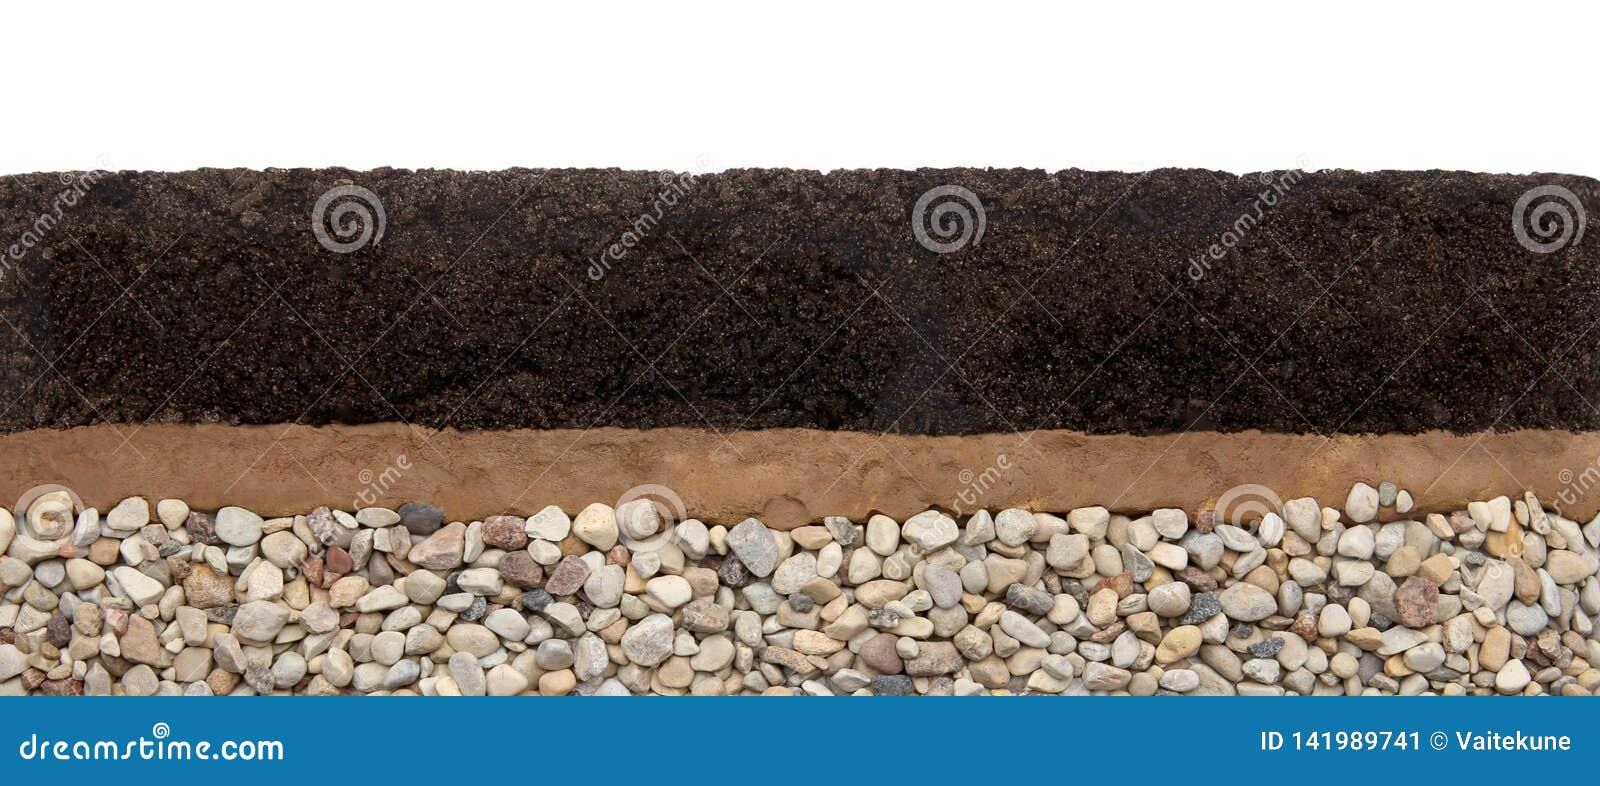 Ziemi warstwy: czarnoziem, glina i kamienie odizolowywający na białym tle,